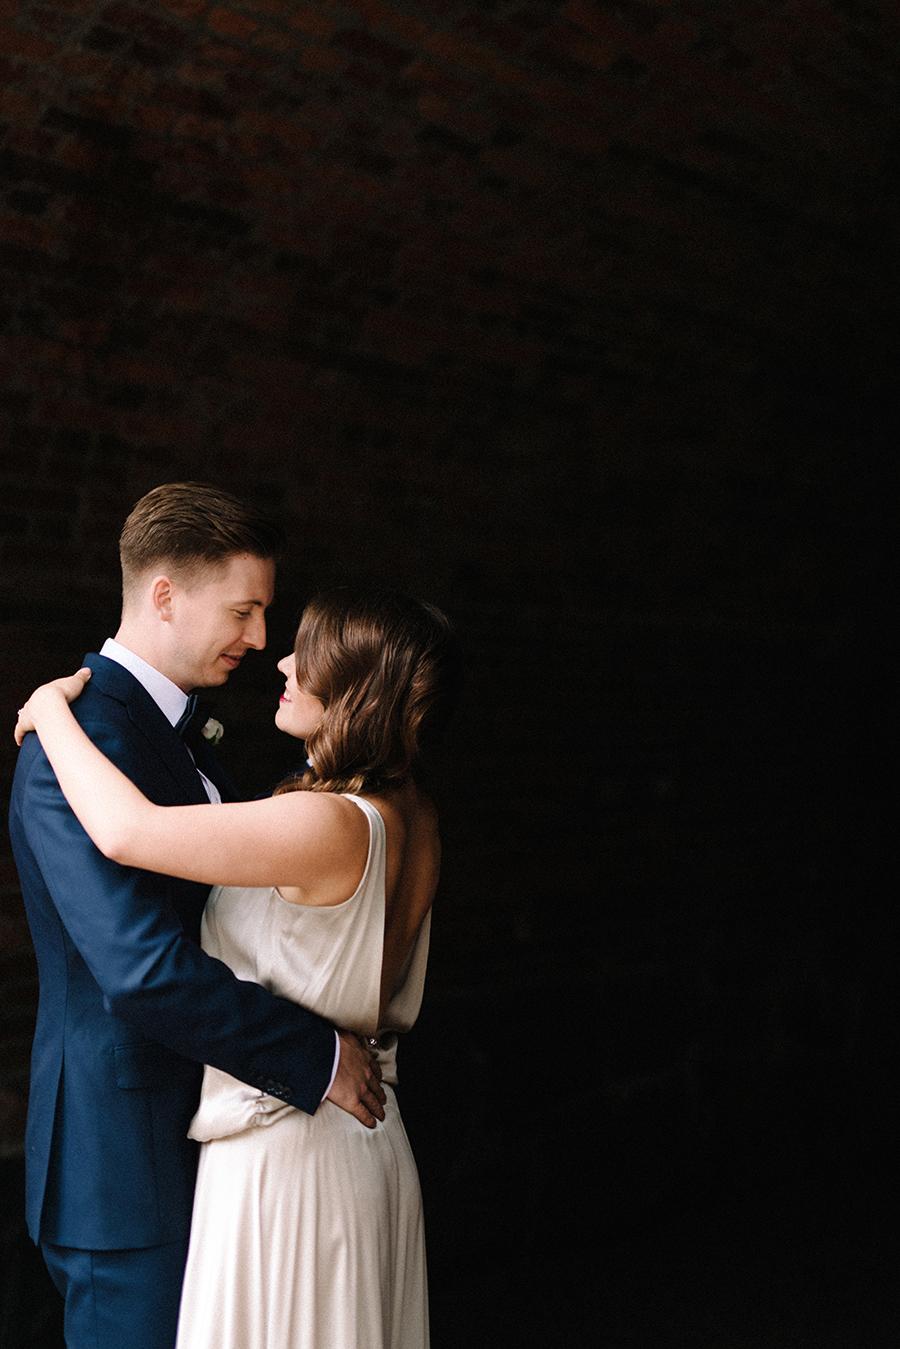 Hääkuvaus Suomenlinna, Nord & Mae, Stailattu Hääkuvaus, Hääkuvaaja, Destination Wedding Photography, Wedding in Finland, First Dance, Häätanssi